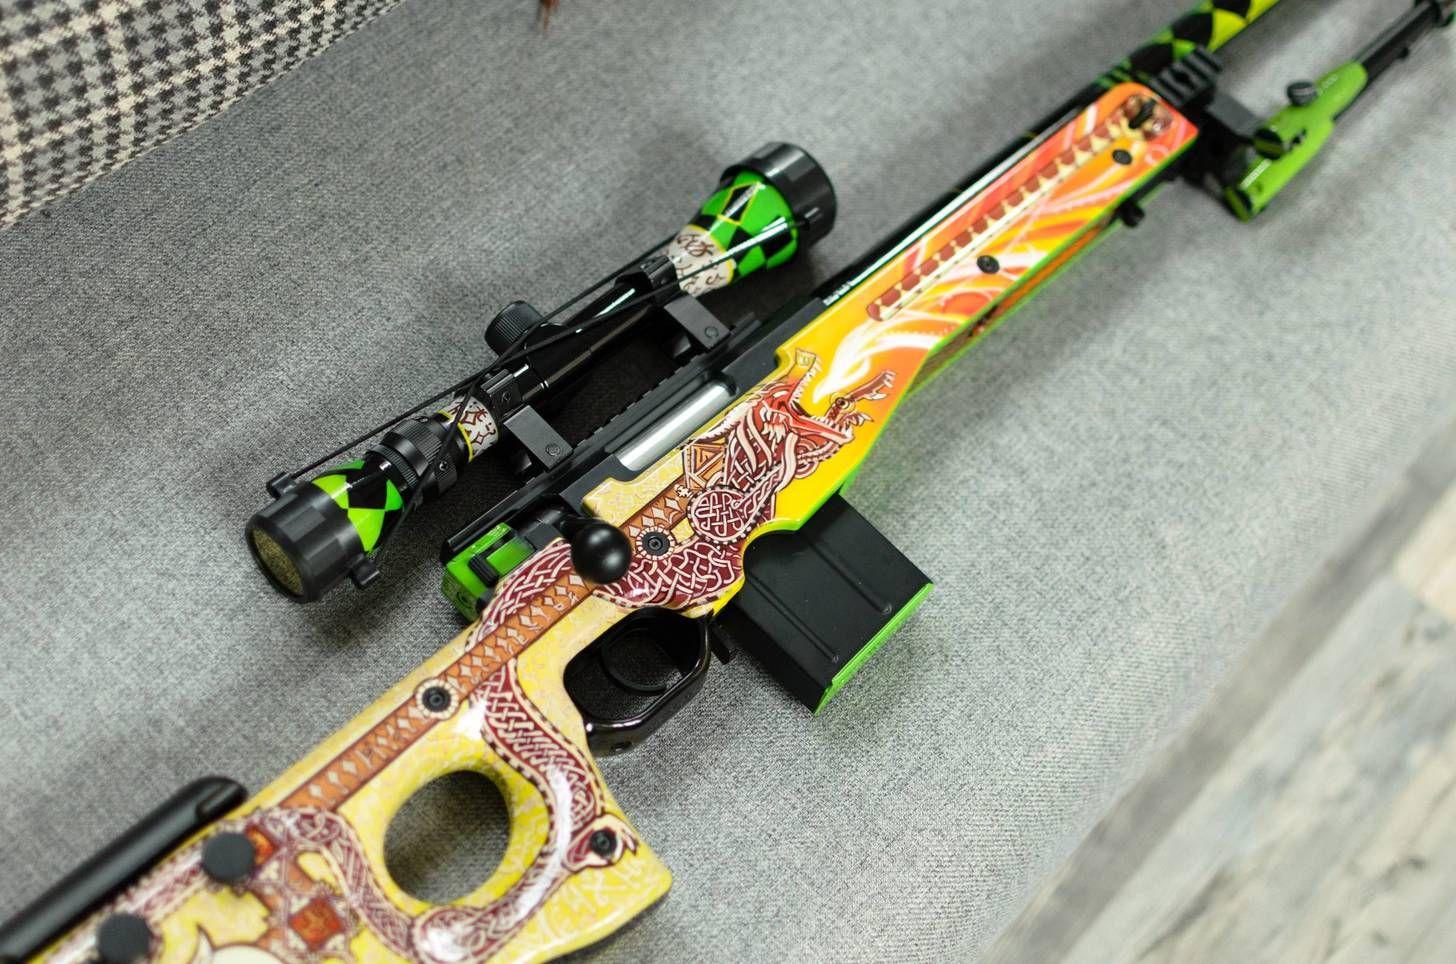 Real Dragon Lore Aka Painted Airsoft Gun Airsoft Guns Airsoft